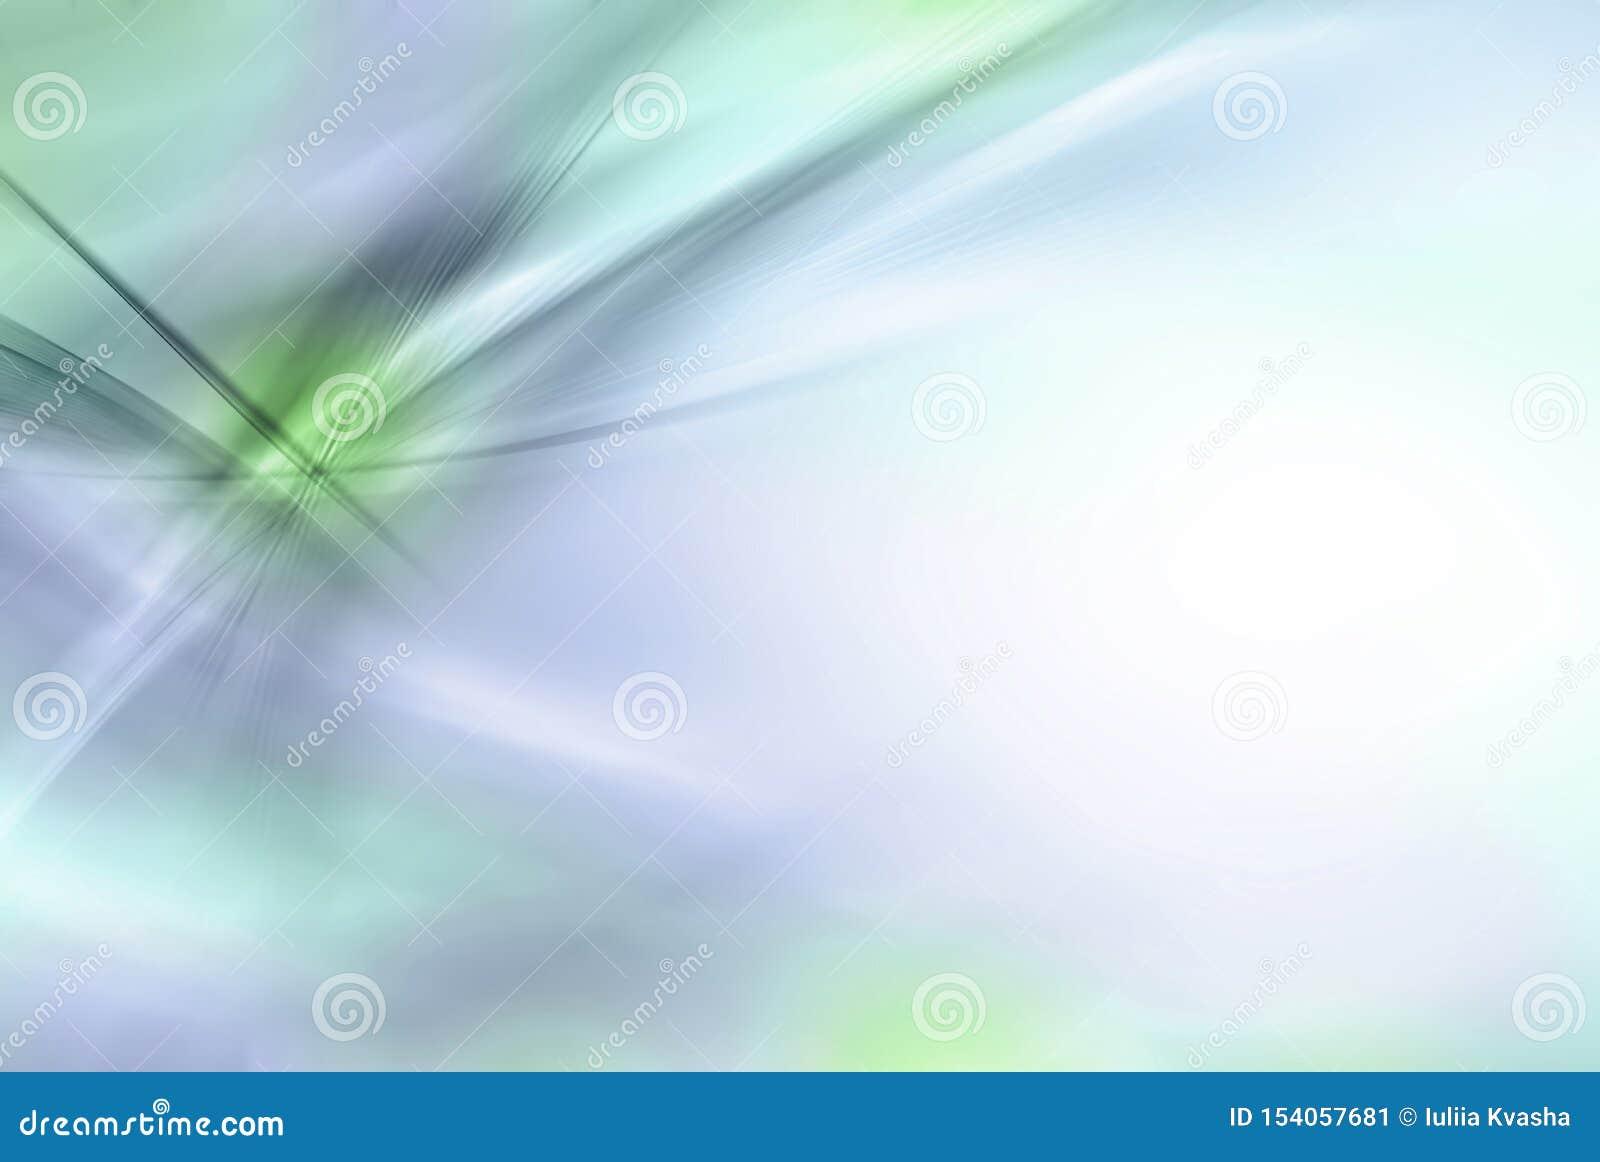 Αφηρημένες όμορφες γραμμές υποβάθρου χρώματος